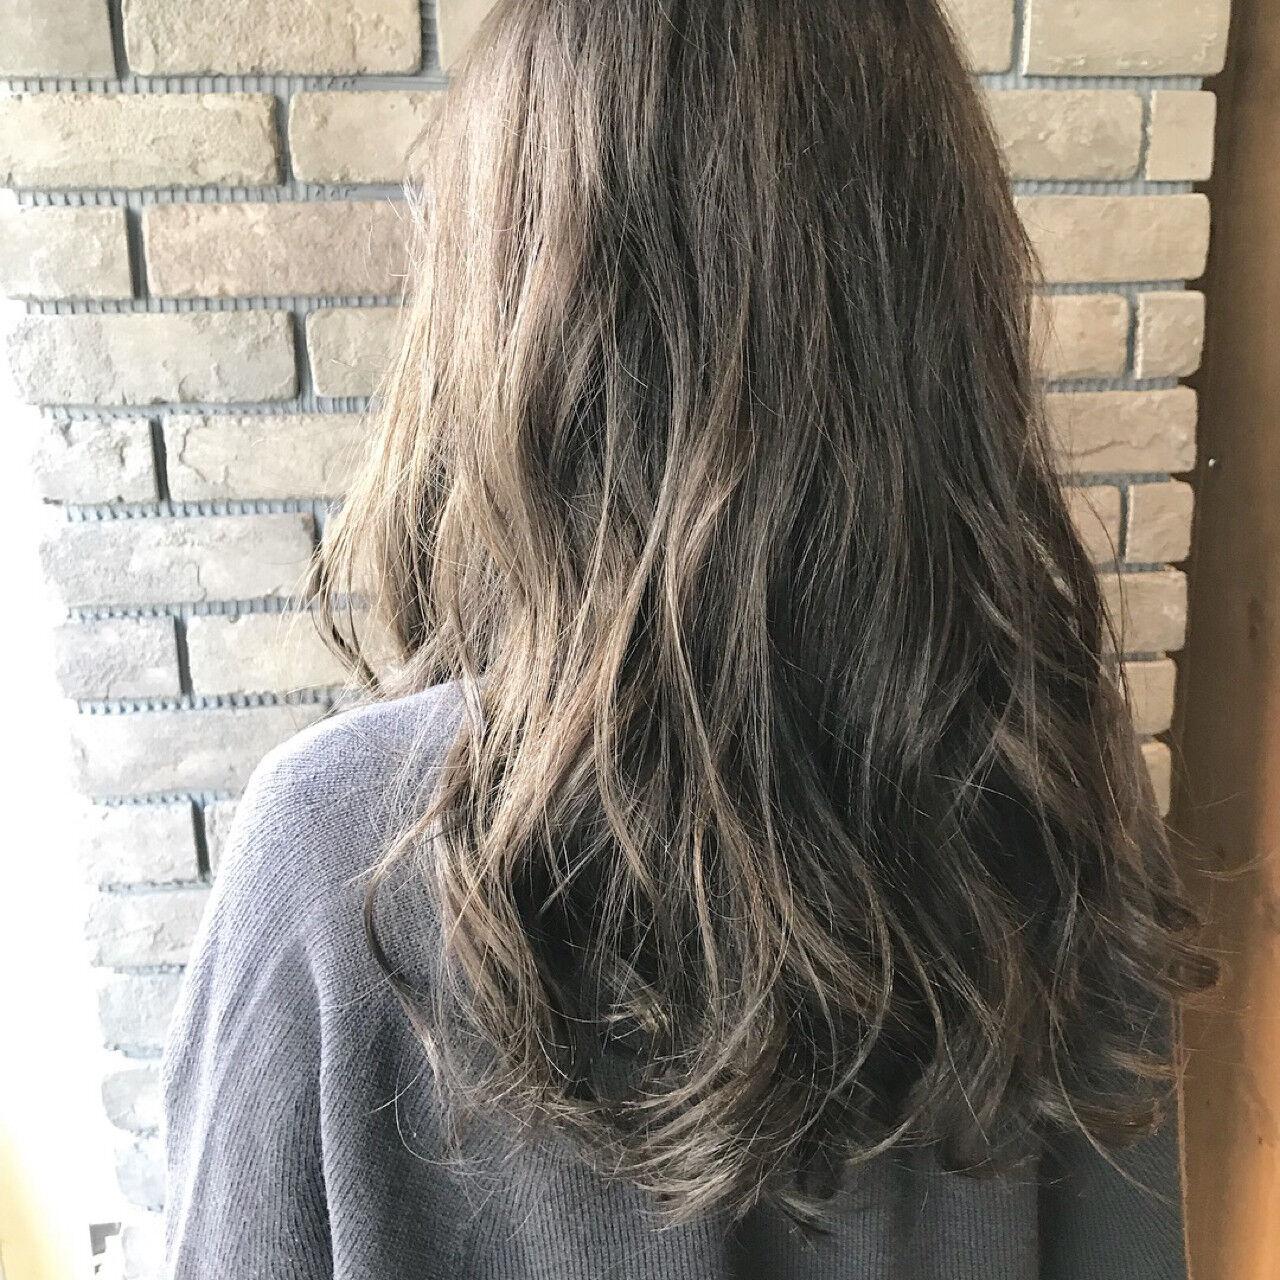 セミロング 大人かわいい 透明感 アンニュイヘアスタイルや髪型の写真・画像